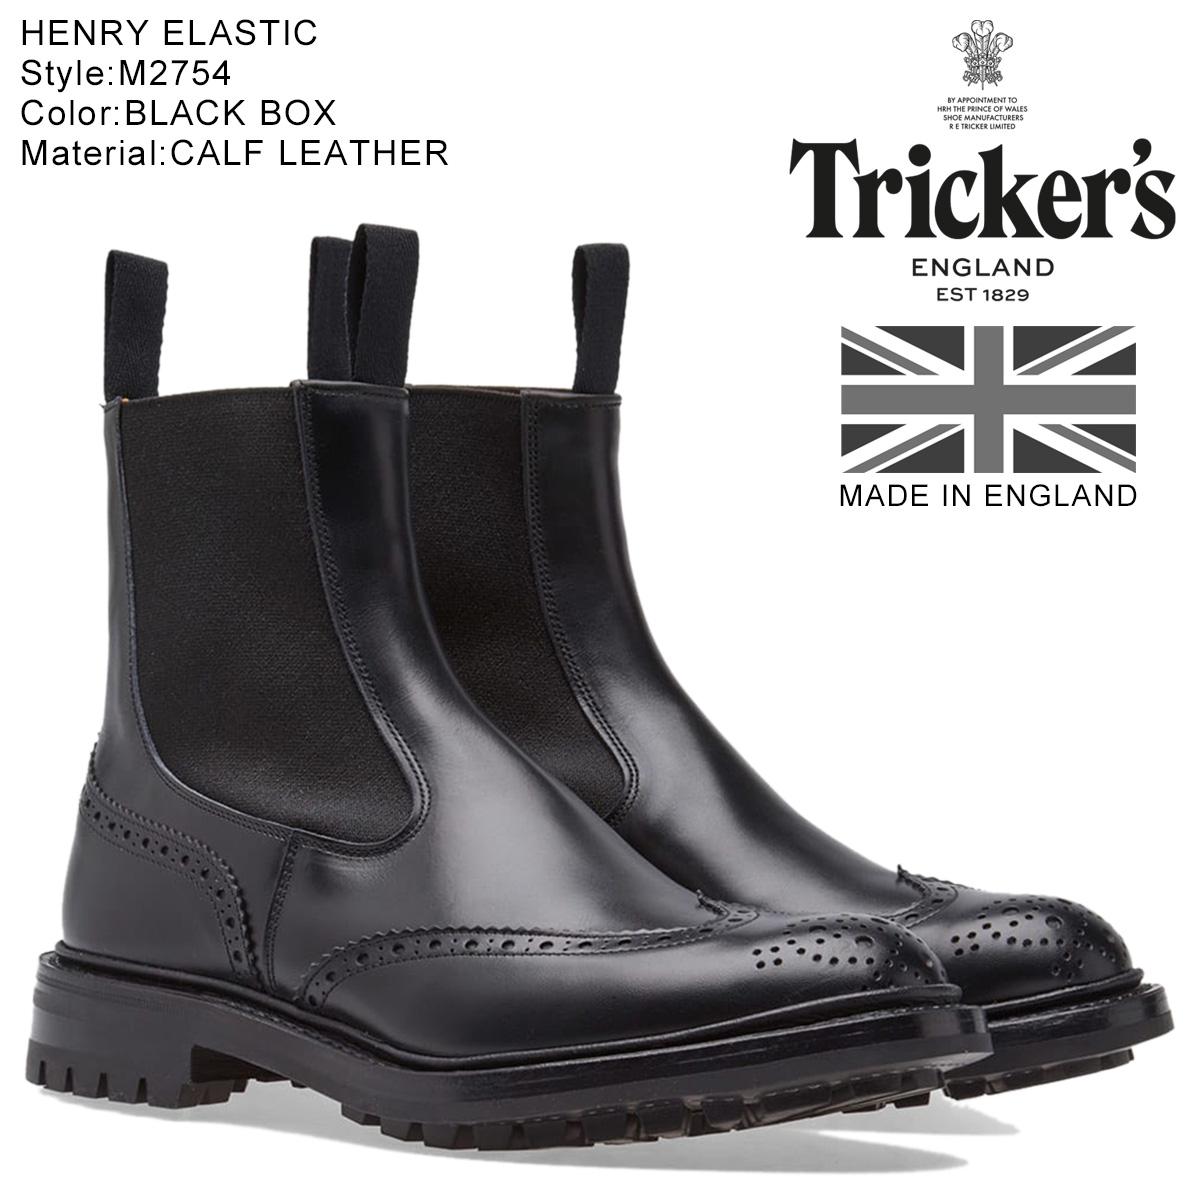 Tricker's HENRY ELASTIC BROGUE BOOT トリッカーズ サイドゴアブーツ 5ワイズ メンズ ブラック M2754